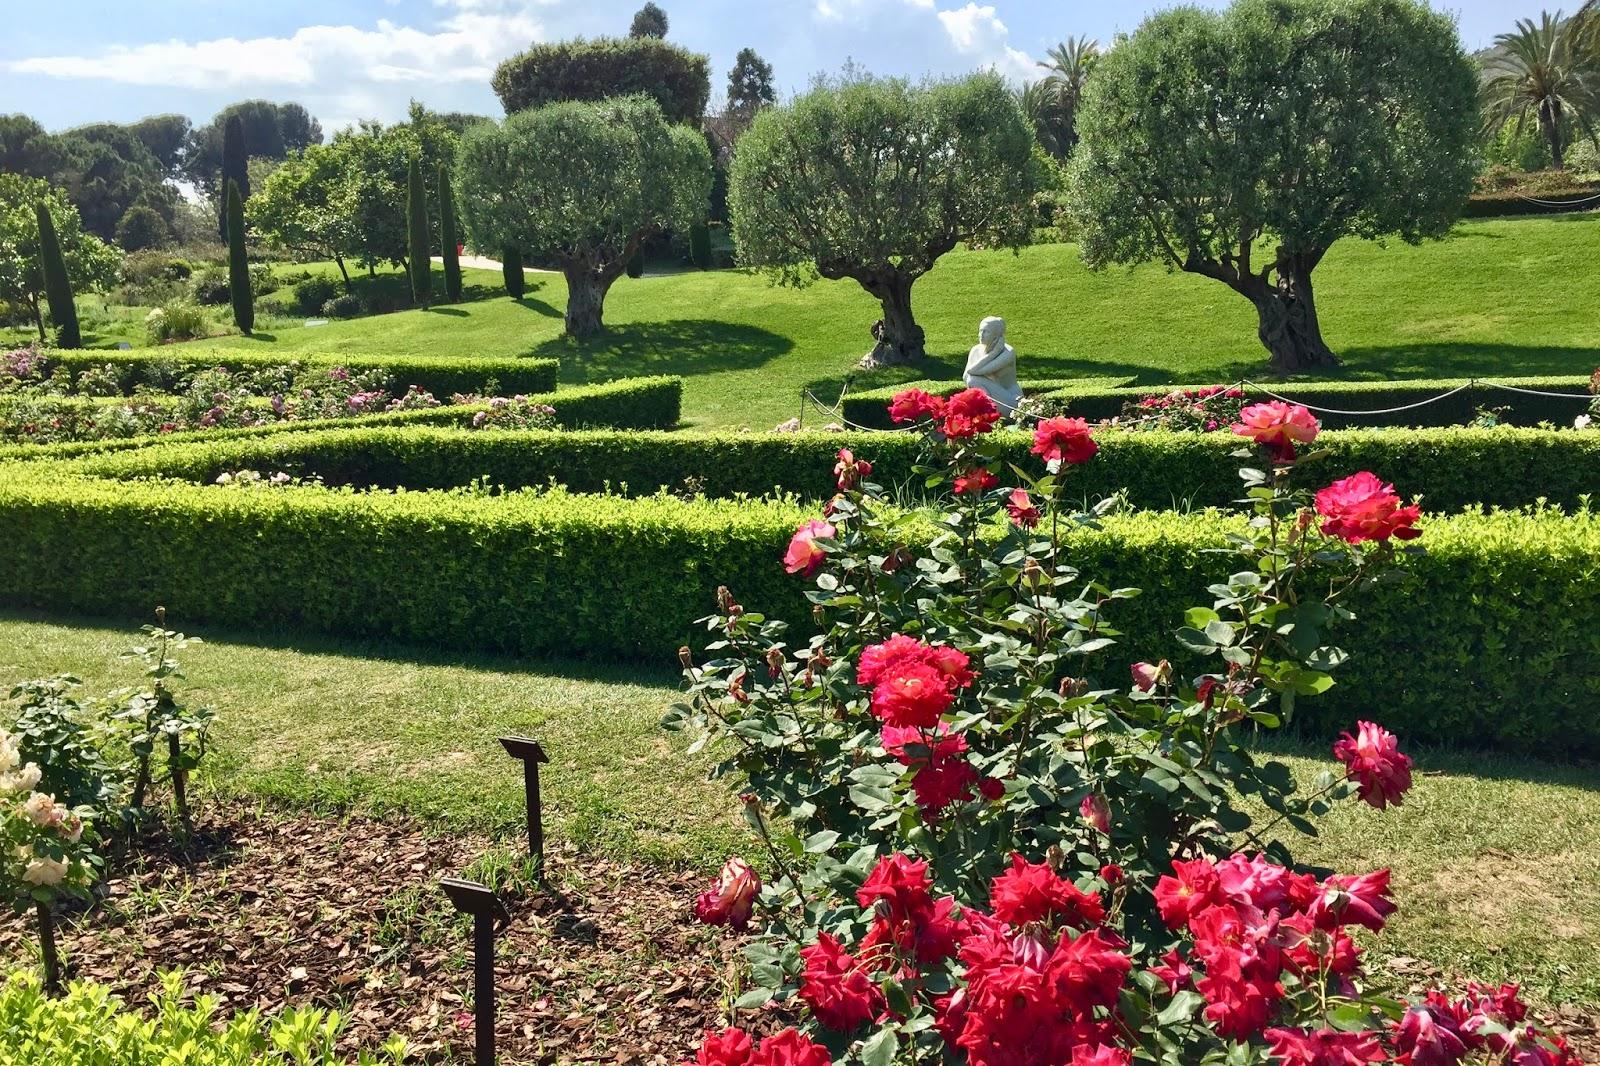 Ogród różany w Barcelonie